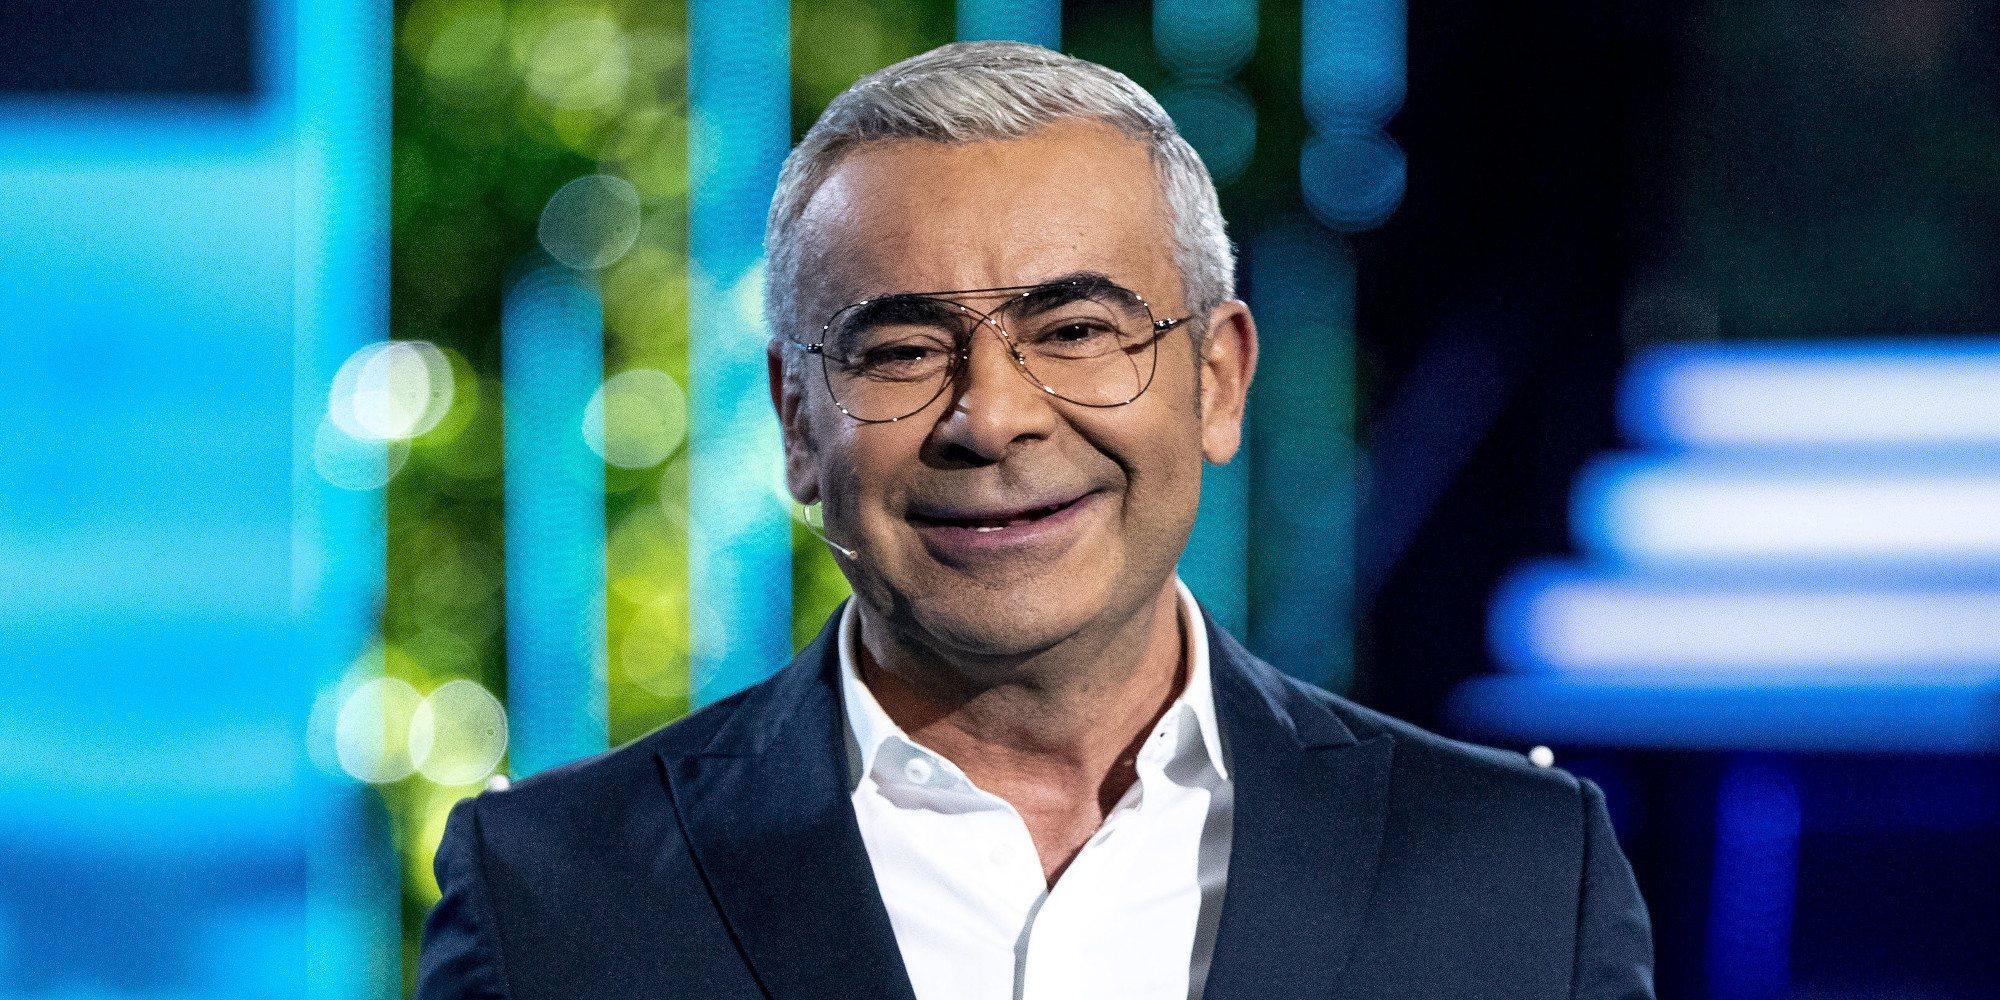 Jorge Javier Vázquez vuelve a suspender su obra teatral un año después de sufrir un ictus